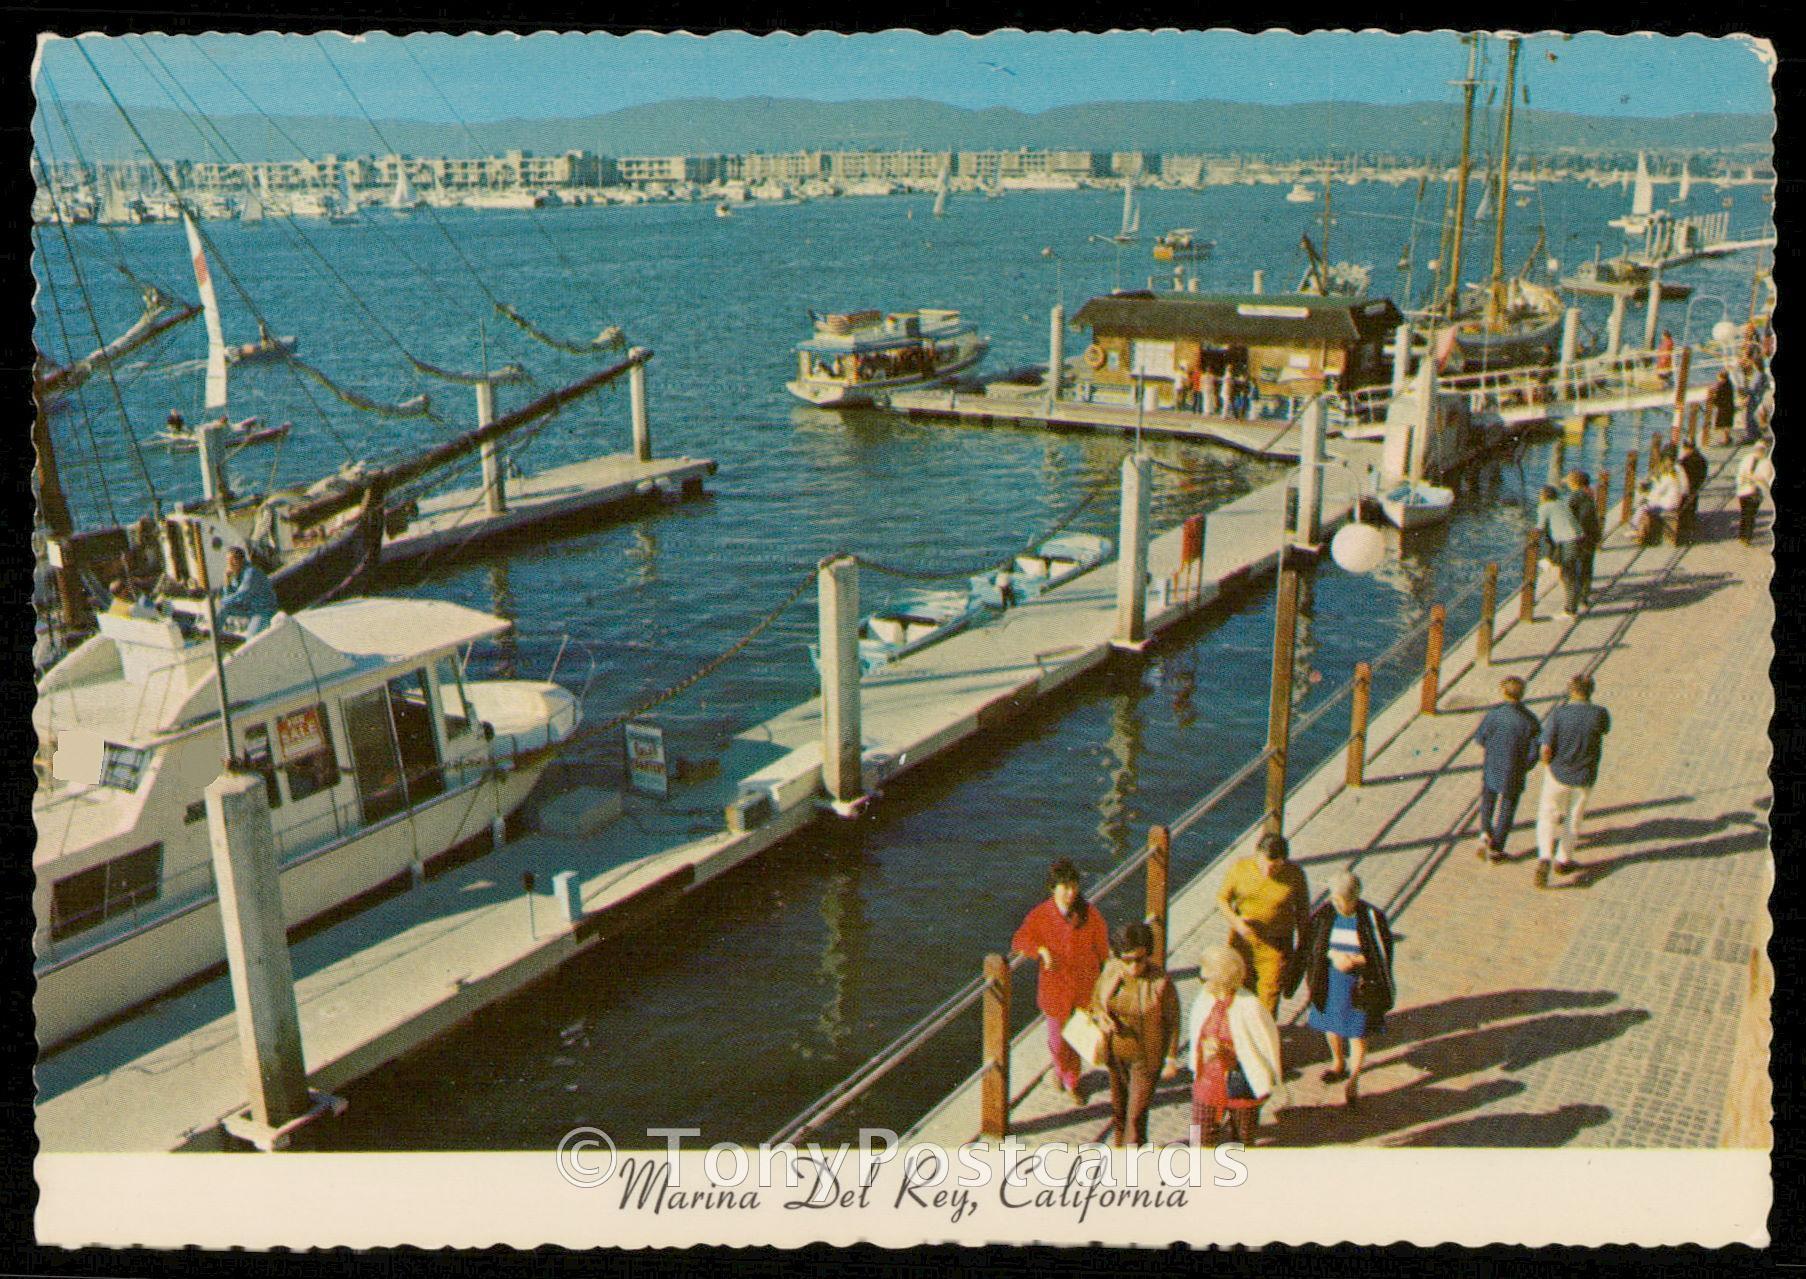 Marina del rey fisherman 39 s village hippostcard for Marina del rey fishing